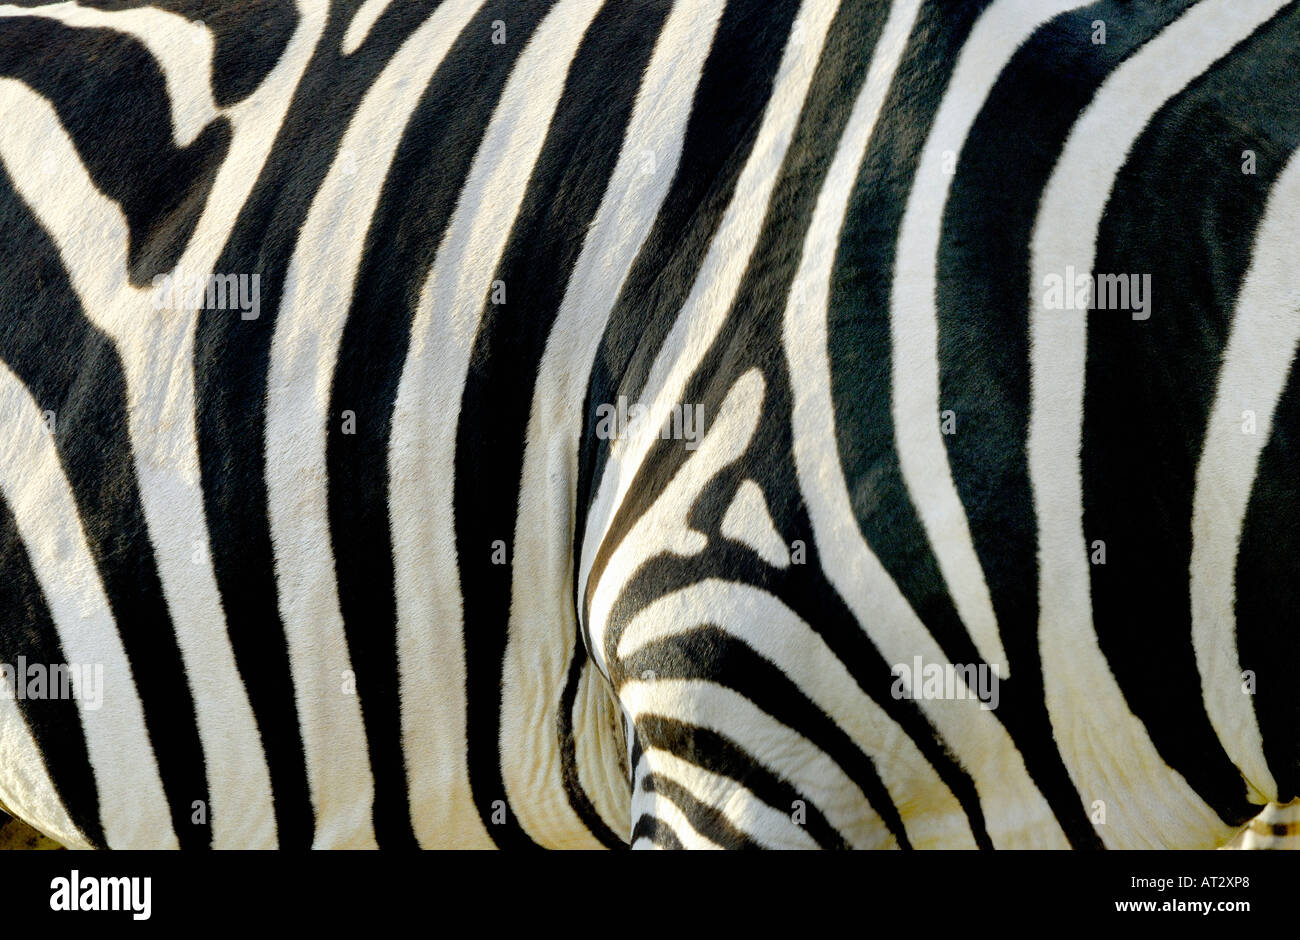 ZEBRA pattern di strisce Foto Stock